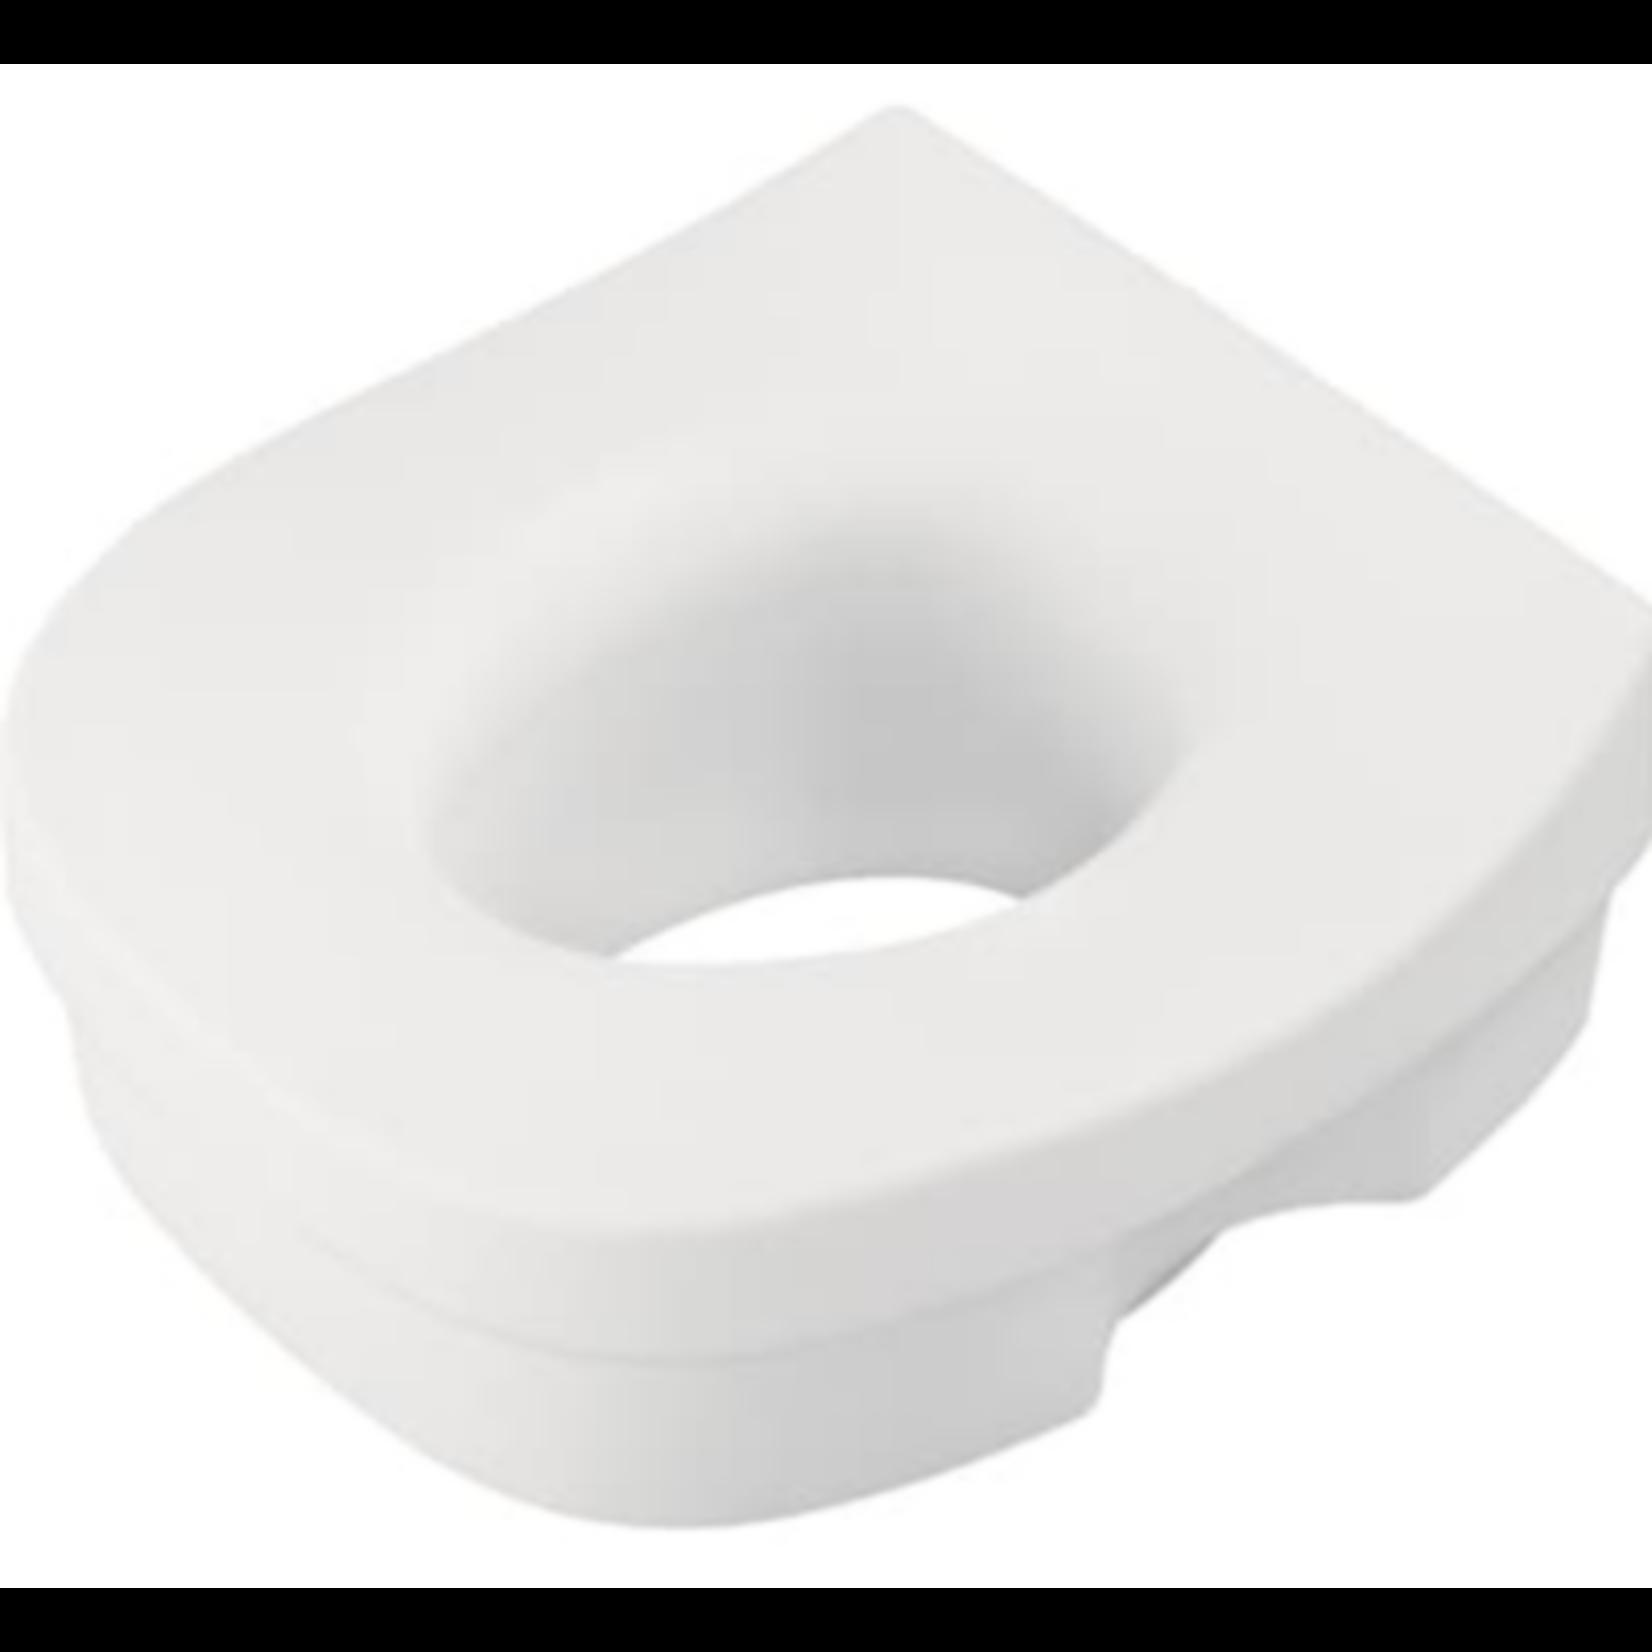 2954 Delta White Elevated Toilet Seat